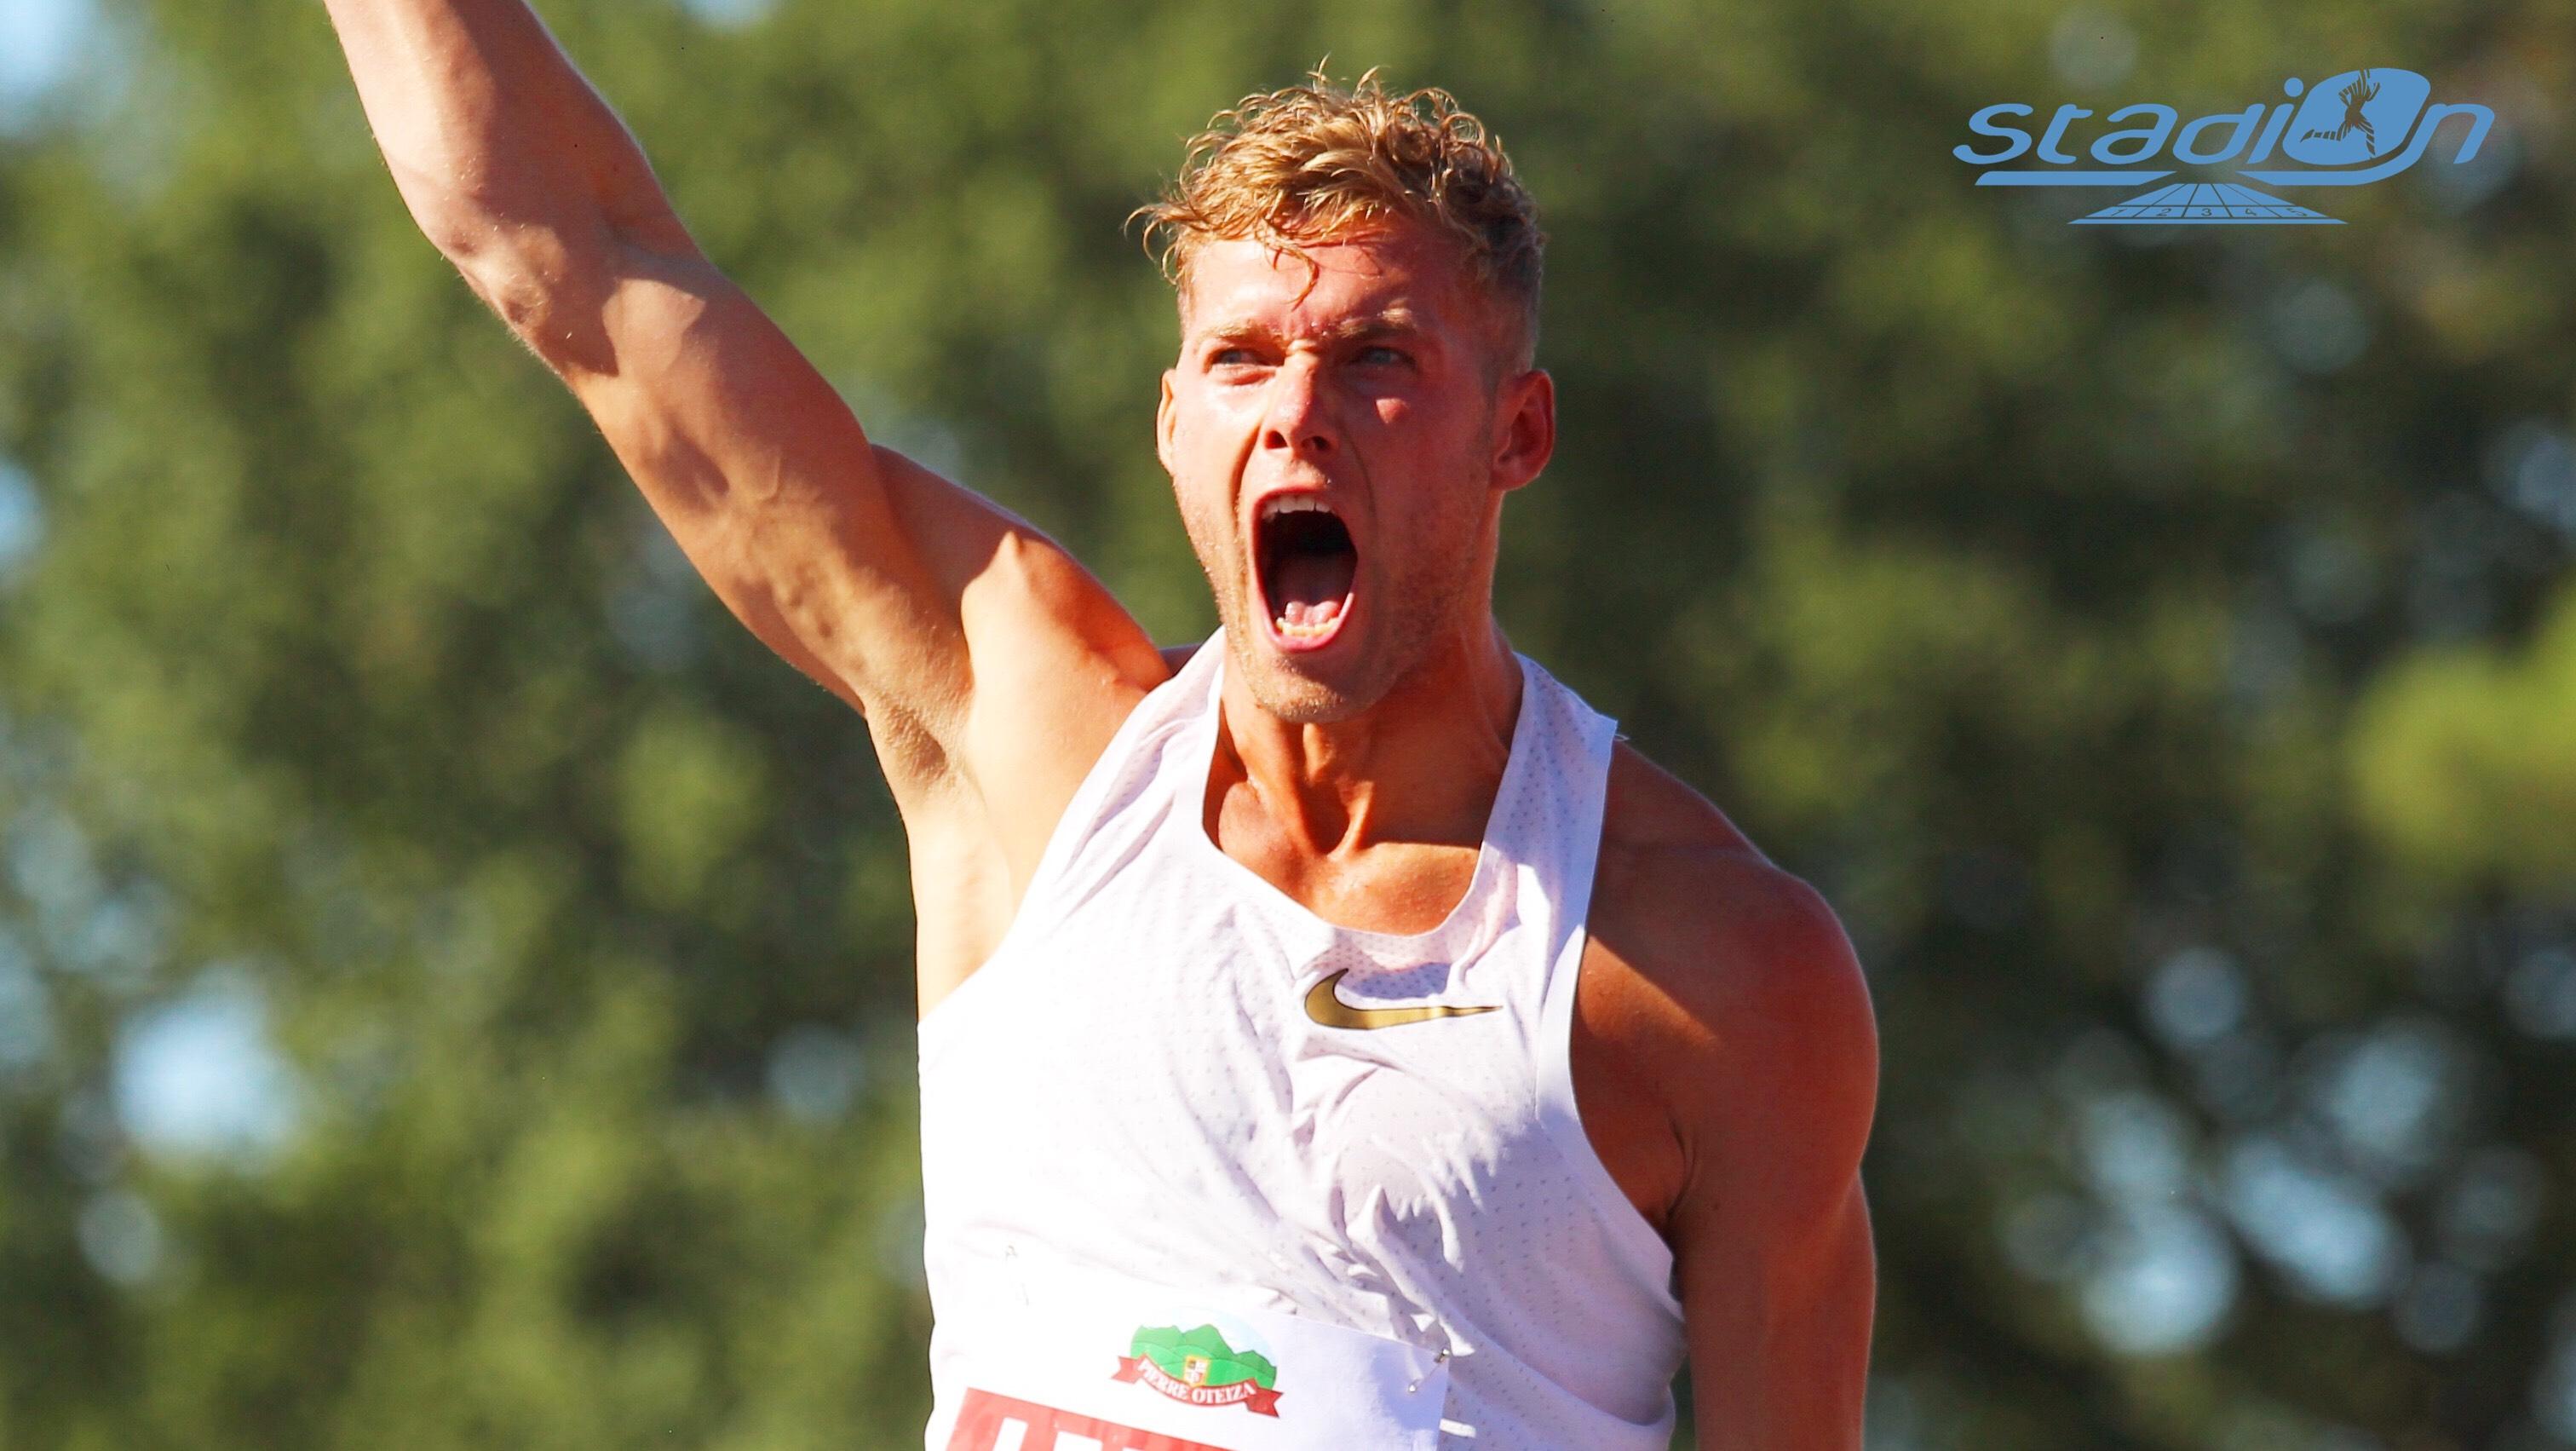 Athlète de l'année IAAF : Kevin Mayer en finale